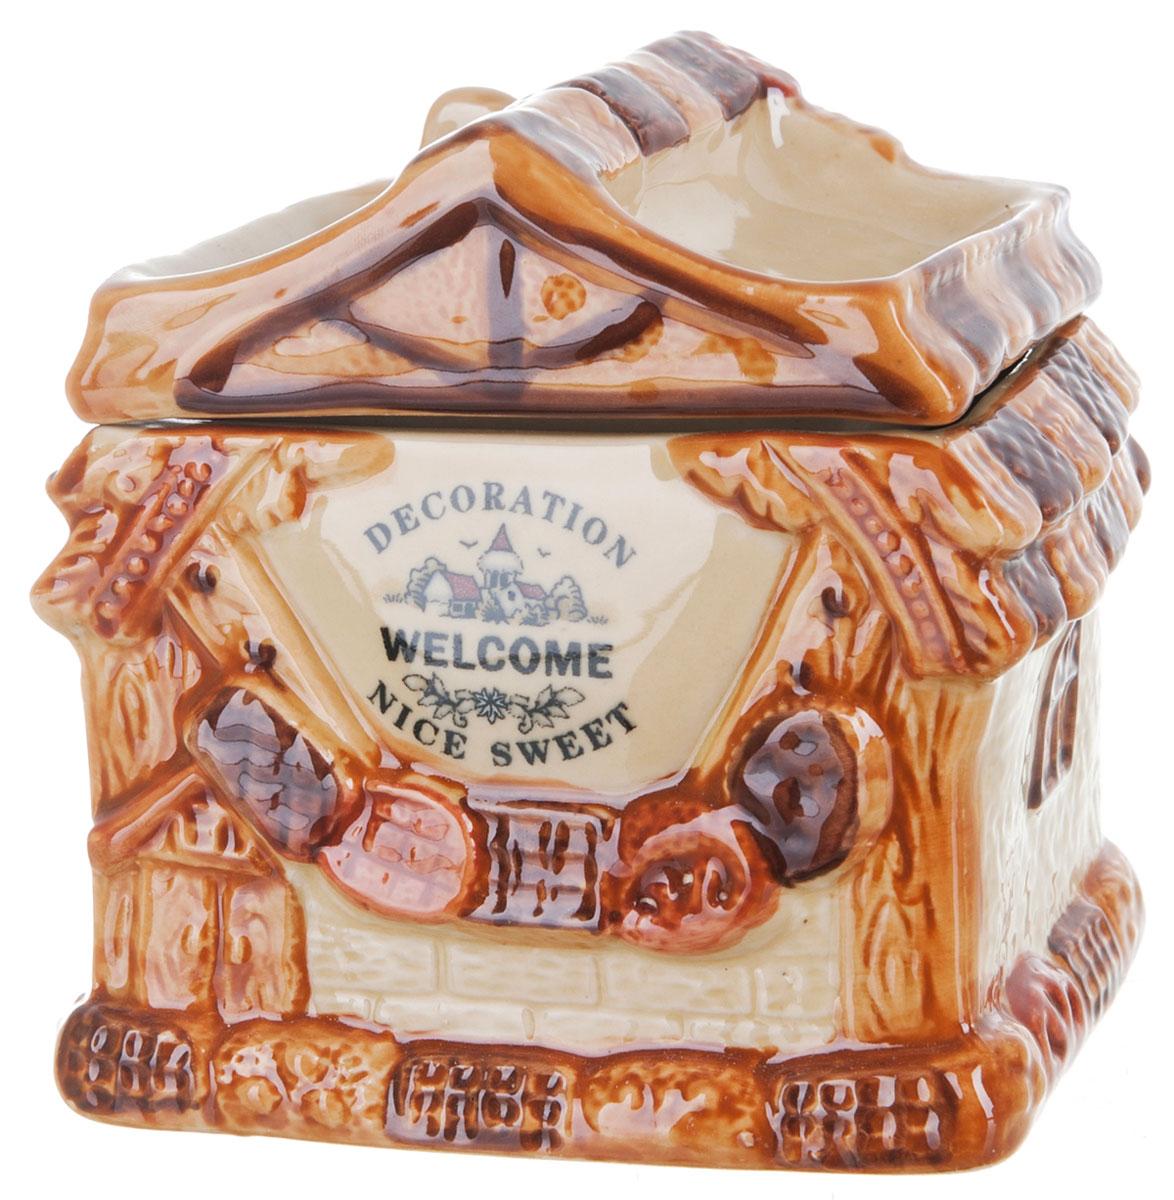 Банка для сыпучих продуктов ENS Group Дом, милый дом, 800 мл4630003364517Банка для сыпучих продуктов ENS Group Дом, милый дом, изготовлена из высококачественной керамики. Изделие оформлено красочным изображением. Банка прекрасно подойдет для хранения различных сыпучих продуктов: чая, кофе, сахара, круп и многого другого. Изящная емкость не только поможет хранить разнообразные сыпучие продукты, но и стильно дополнит интерьер кухни.Можно использовать в посудомоечной машине.